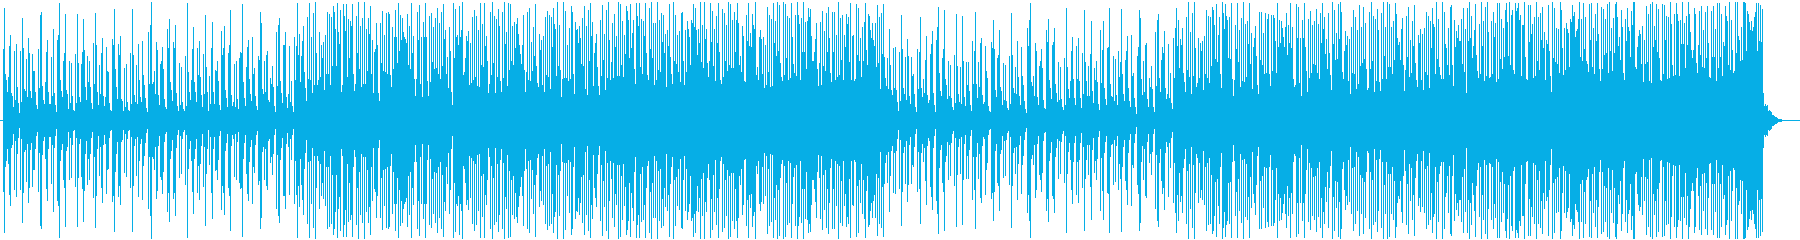 クリスマスが近づいてくるようなCM曲の再生済みの波形